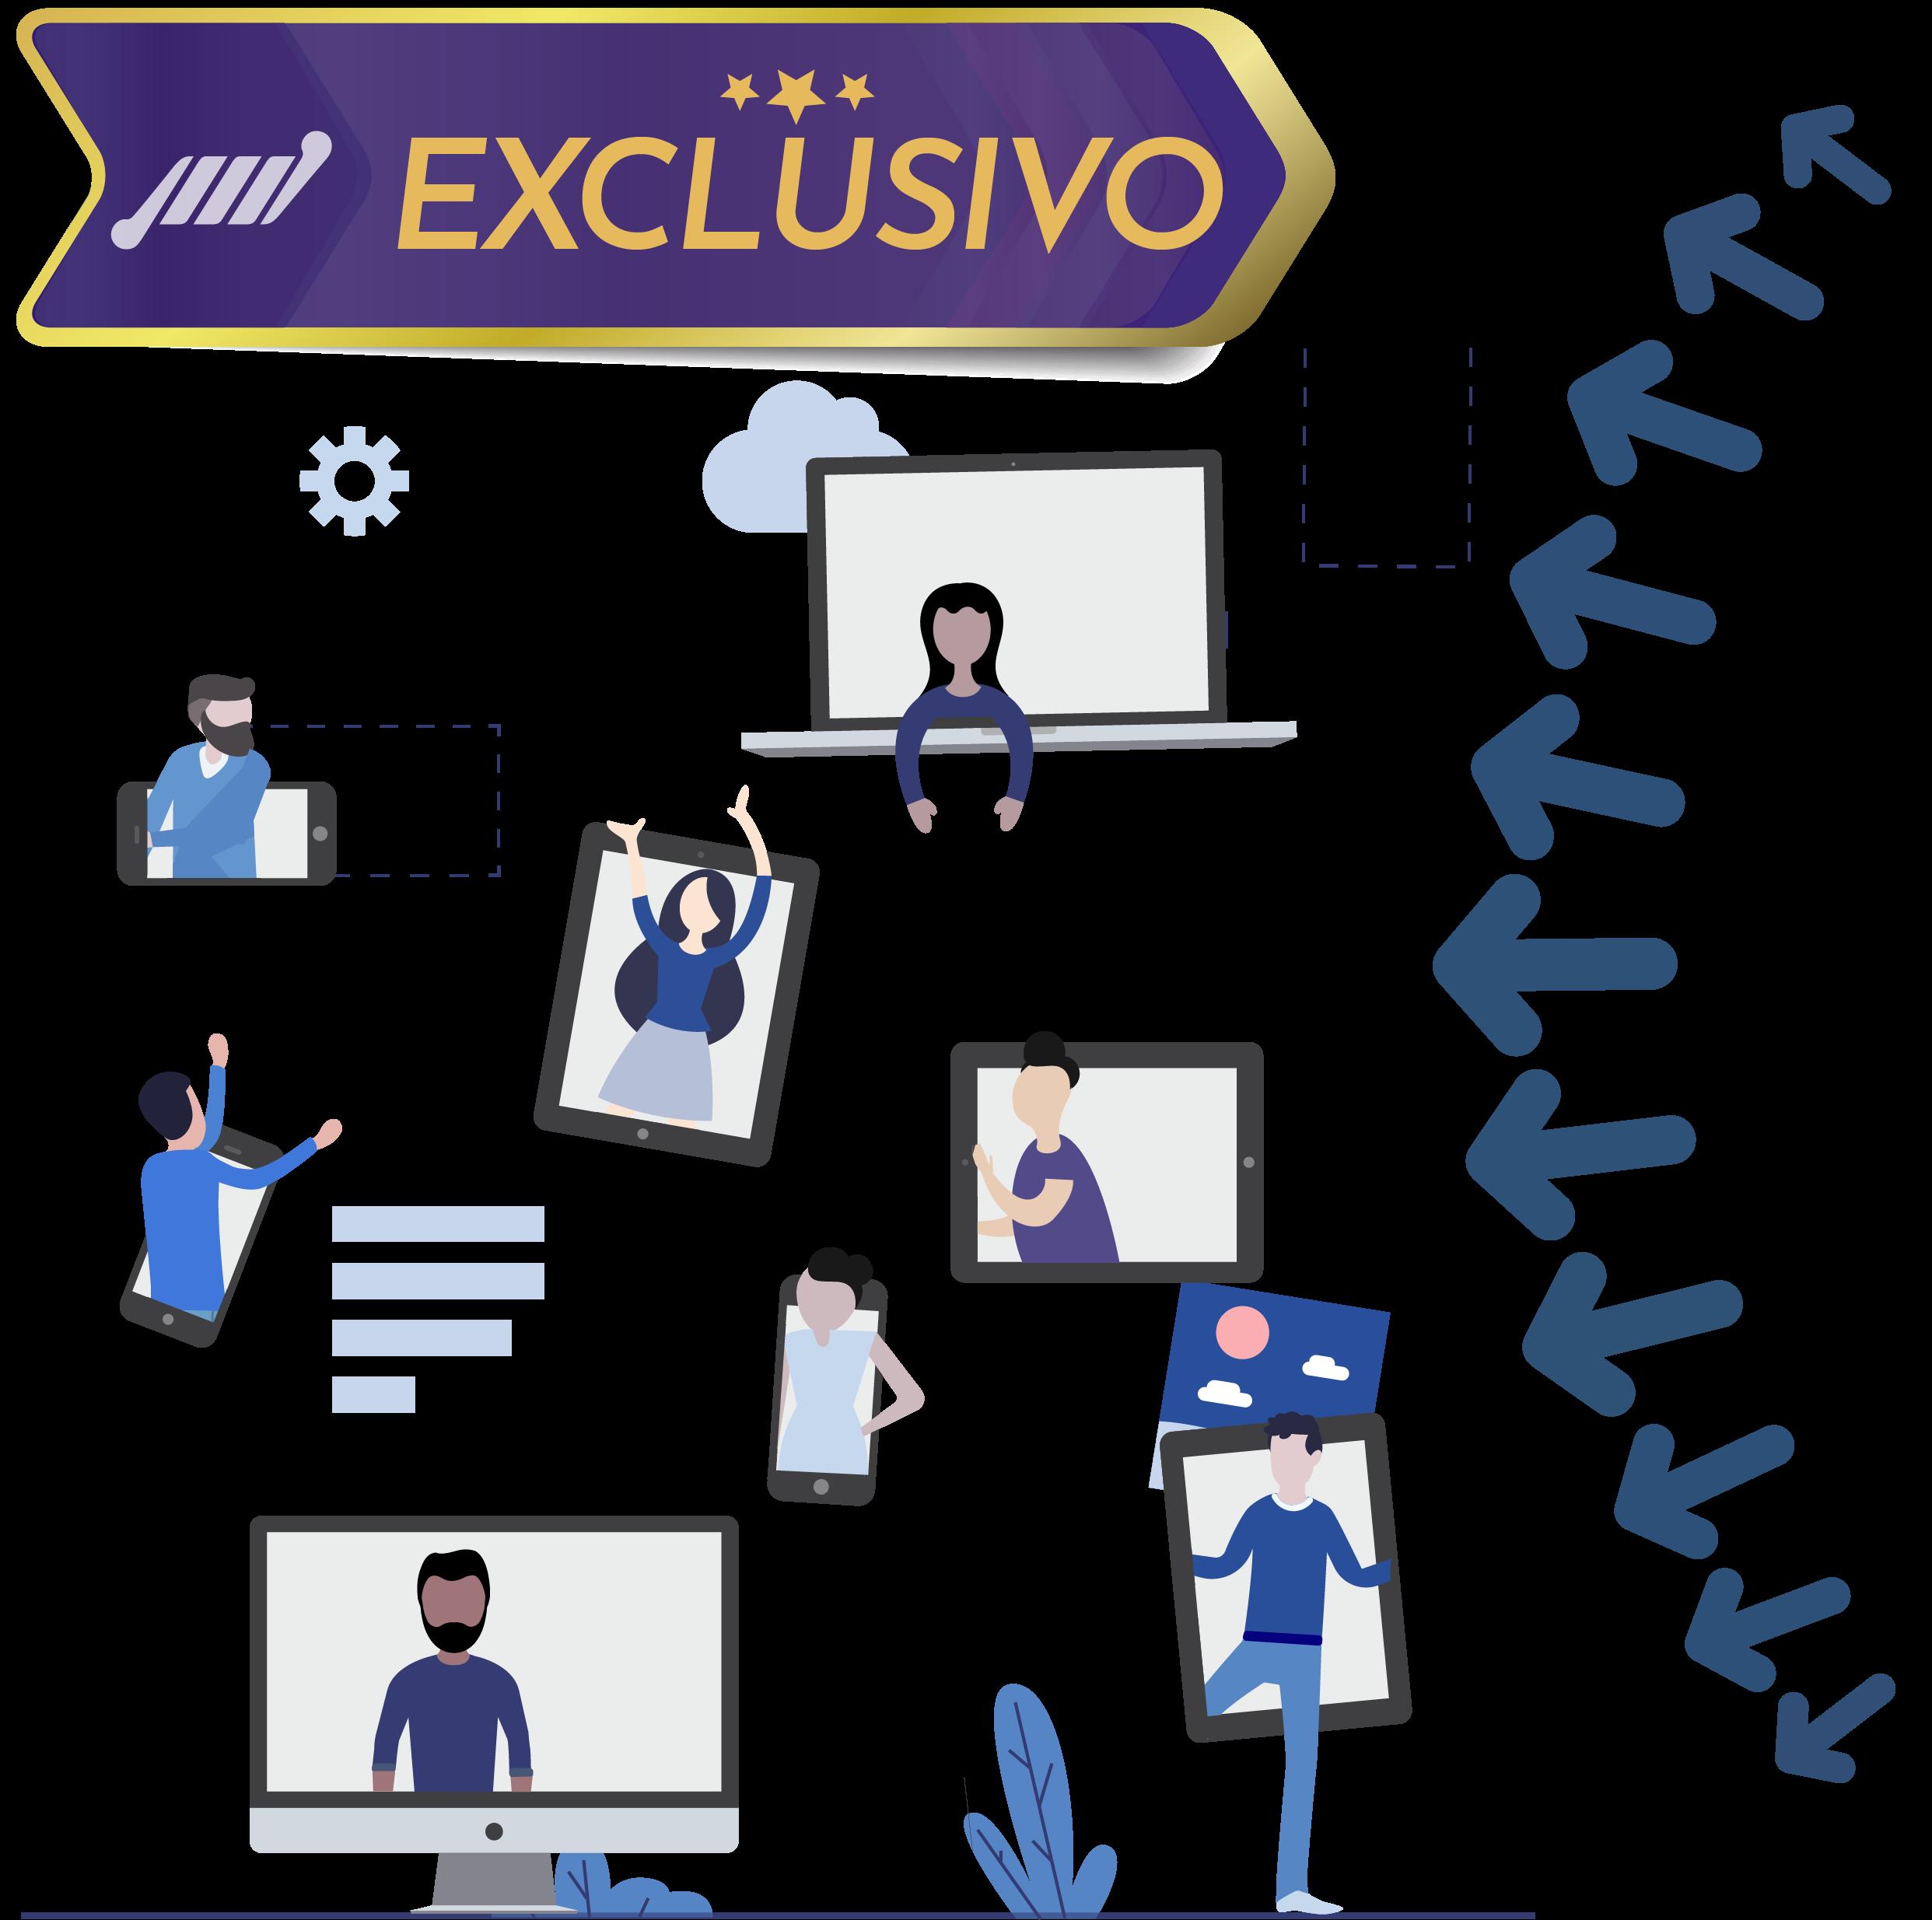 exclusivo ferramenta integrada streaming de video ao vivo